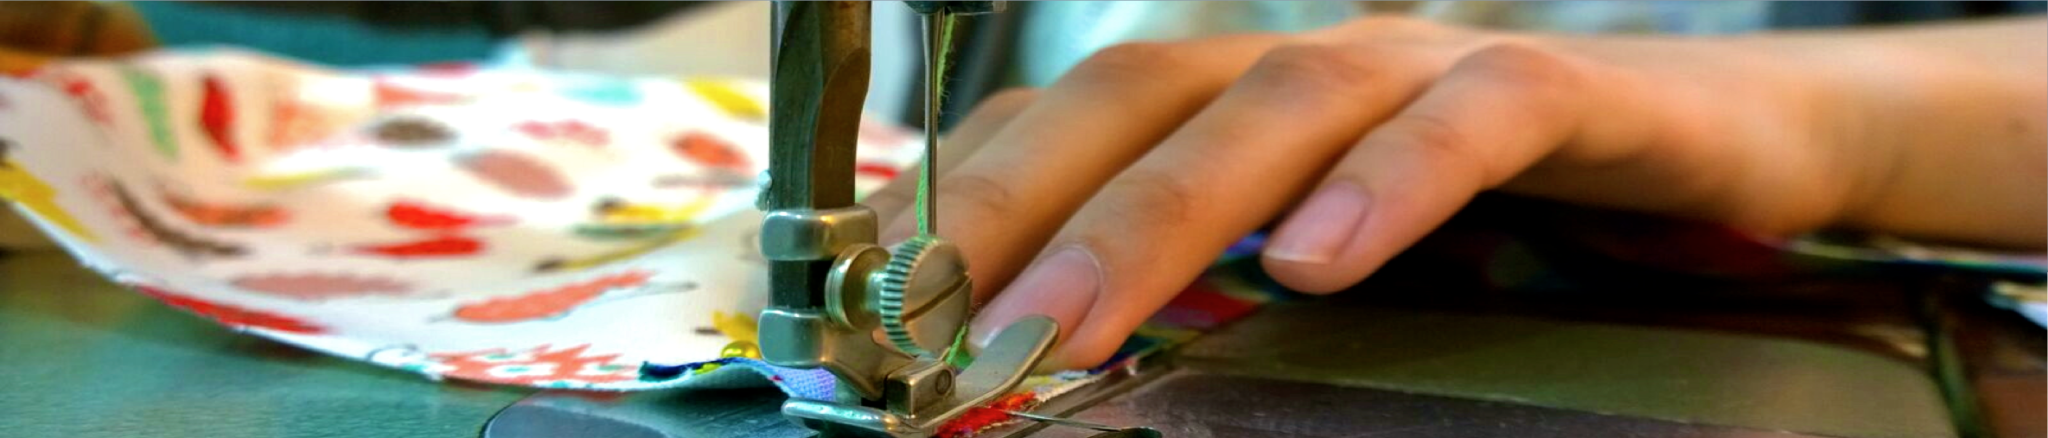 clases mensuales costura madrid corte y confección taller trizas y trazos